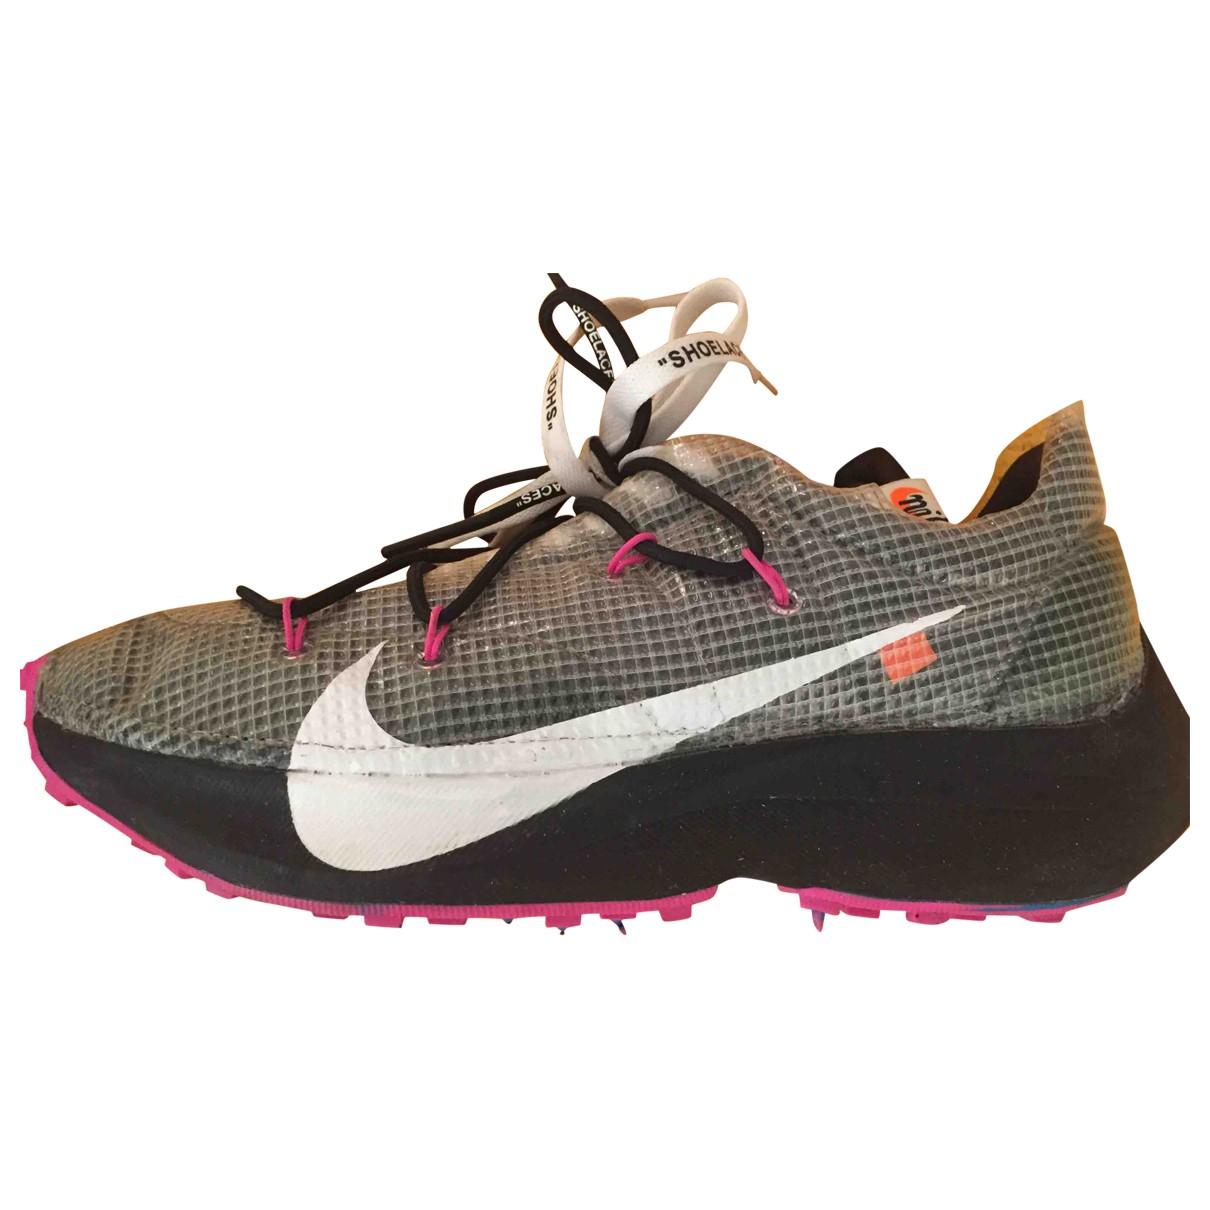 Nike X Off-white Vapor Street Sneakers in  Grau Kunststoff